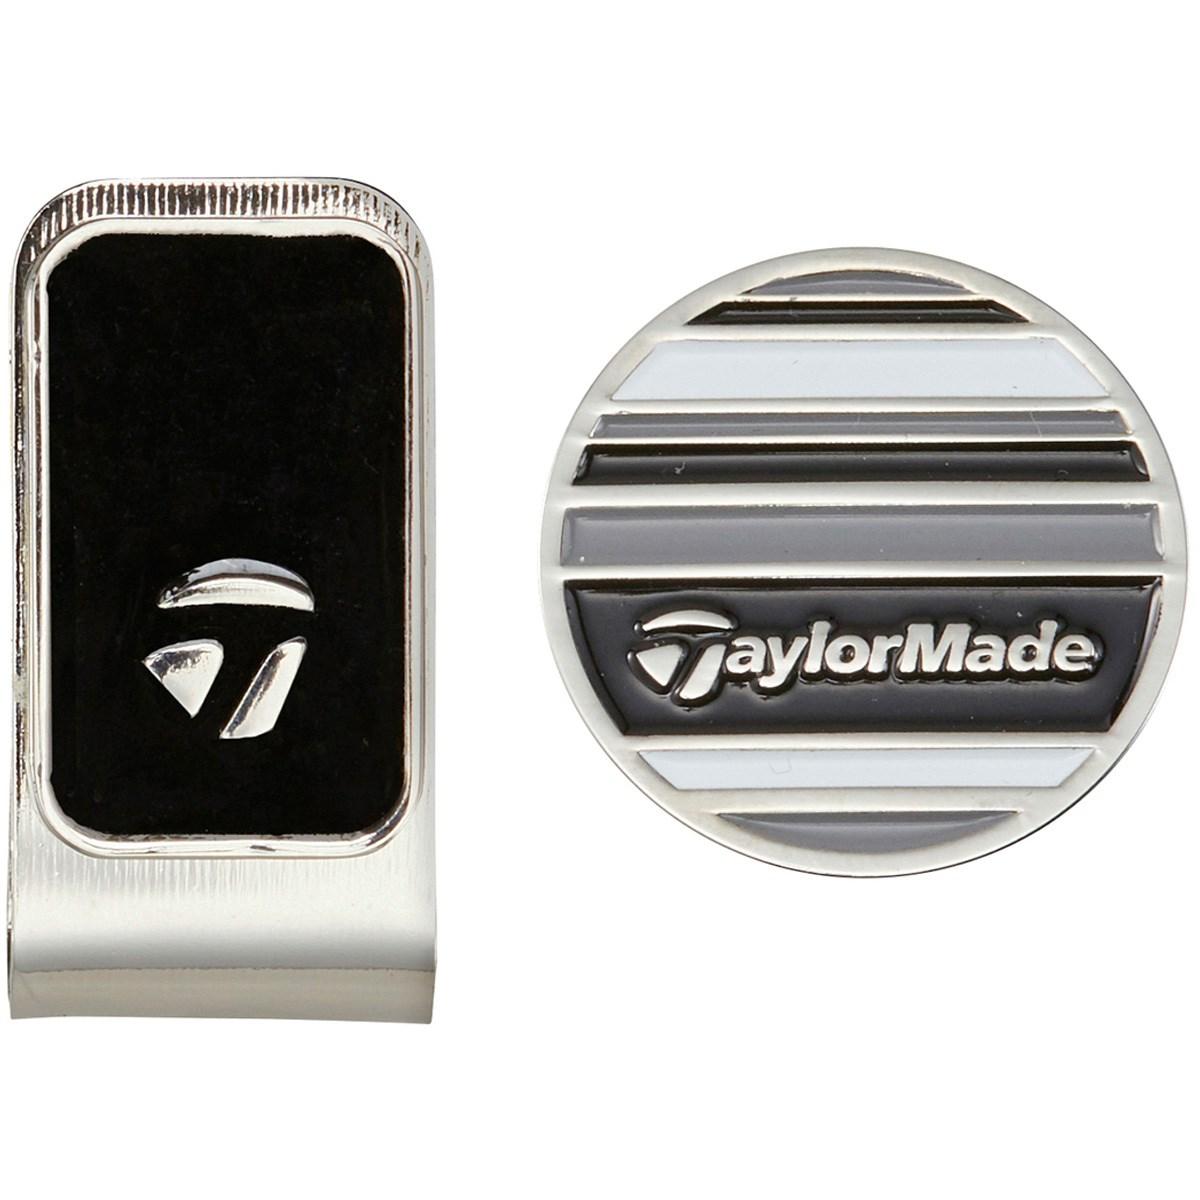 テーラーメイド(Taylor Made) キャップボールマーカー